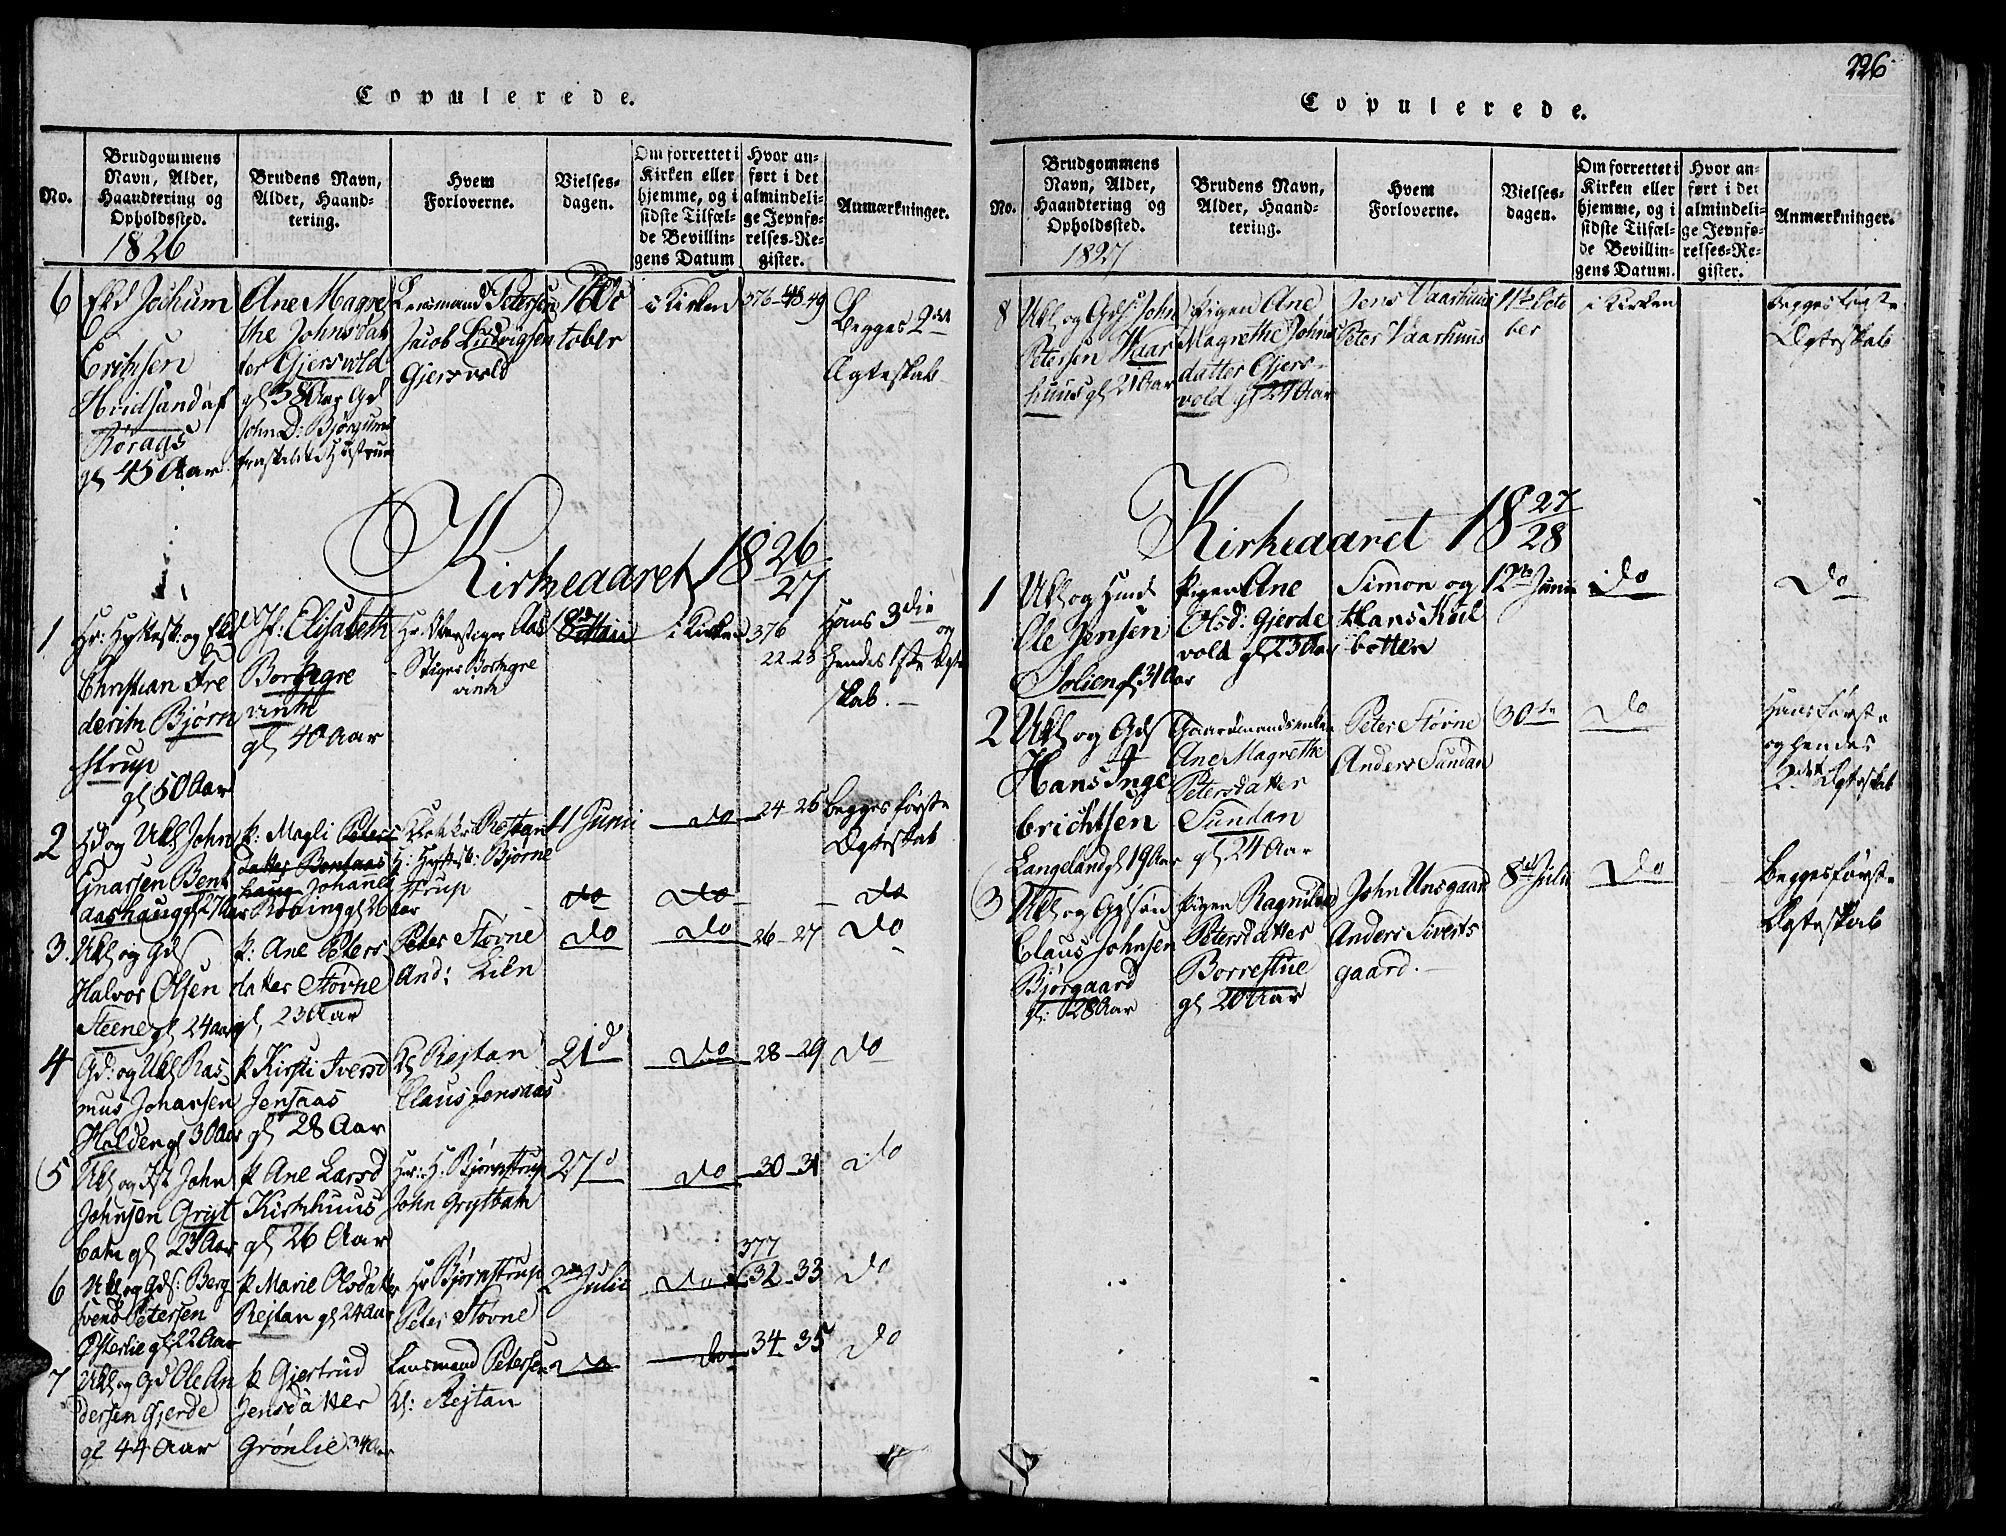 SAT, Ministerialprotokoller, klokkerbøker og fødselsregistre - Sør-Trøndelag, 685/L0956: Ministerialbok nr. 685A03 /3, 1817-1829, s. 226